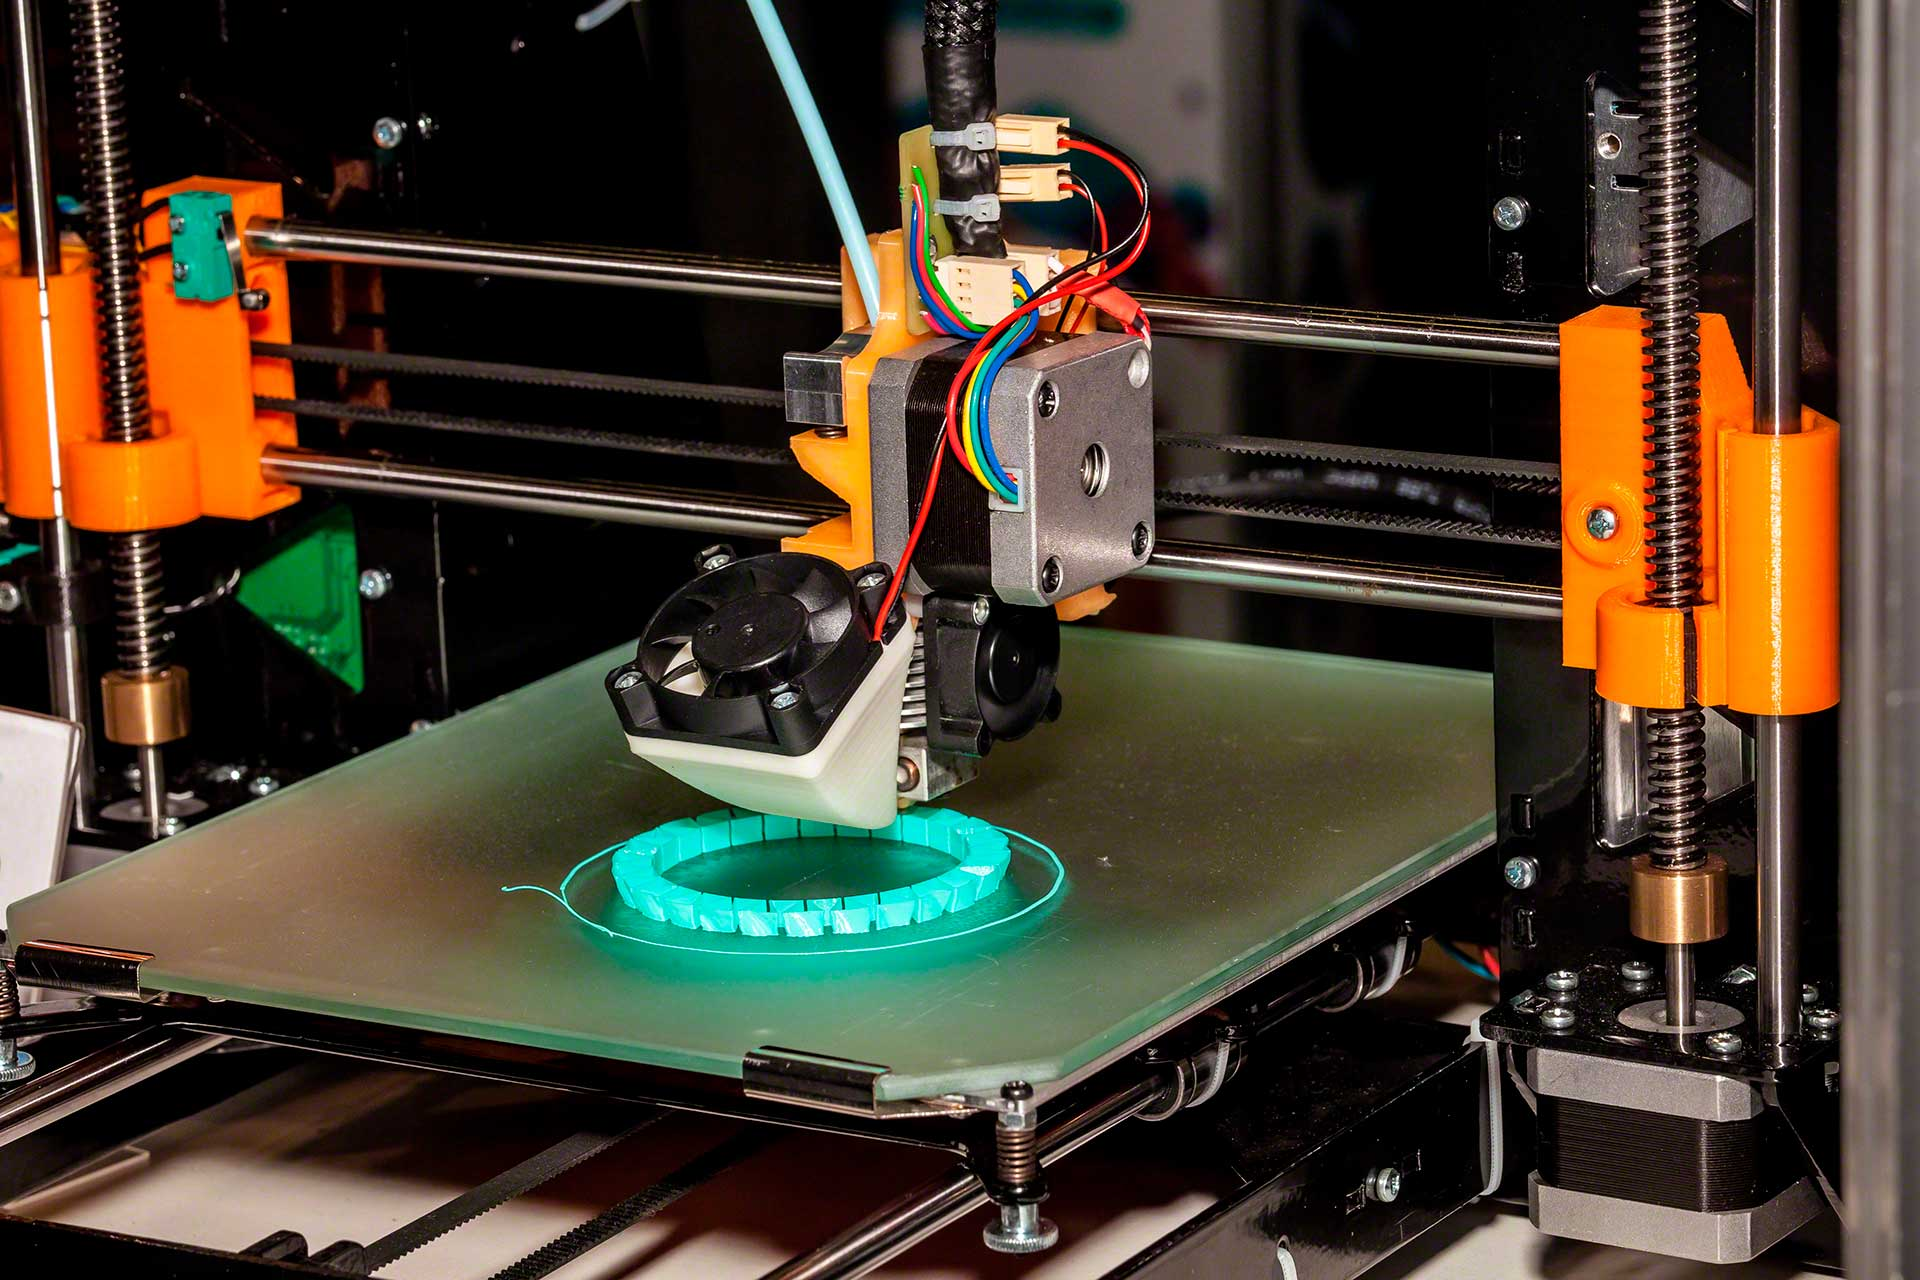 La impresora 3D es una tecnología disruptiva con potencial para transformar la cadena logística